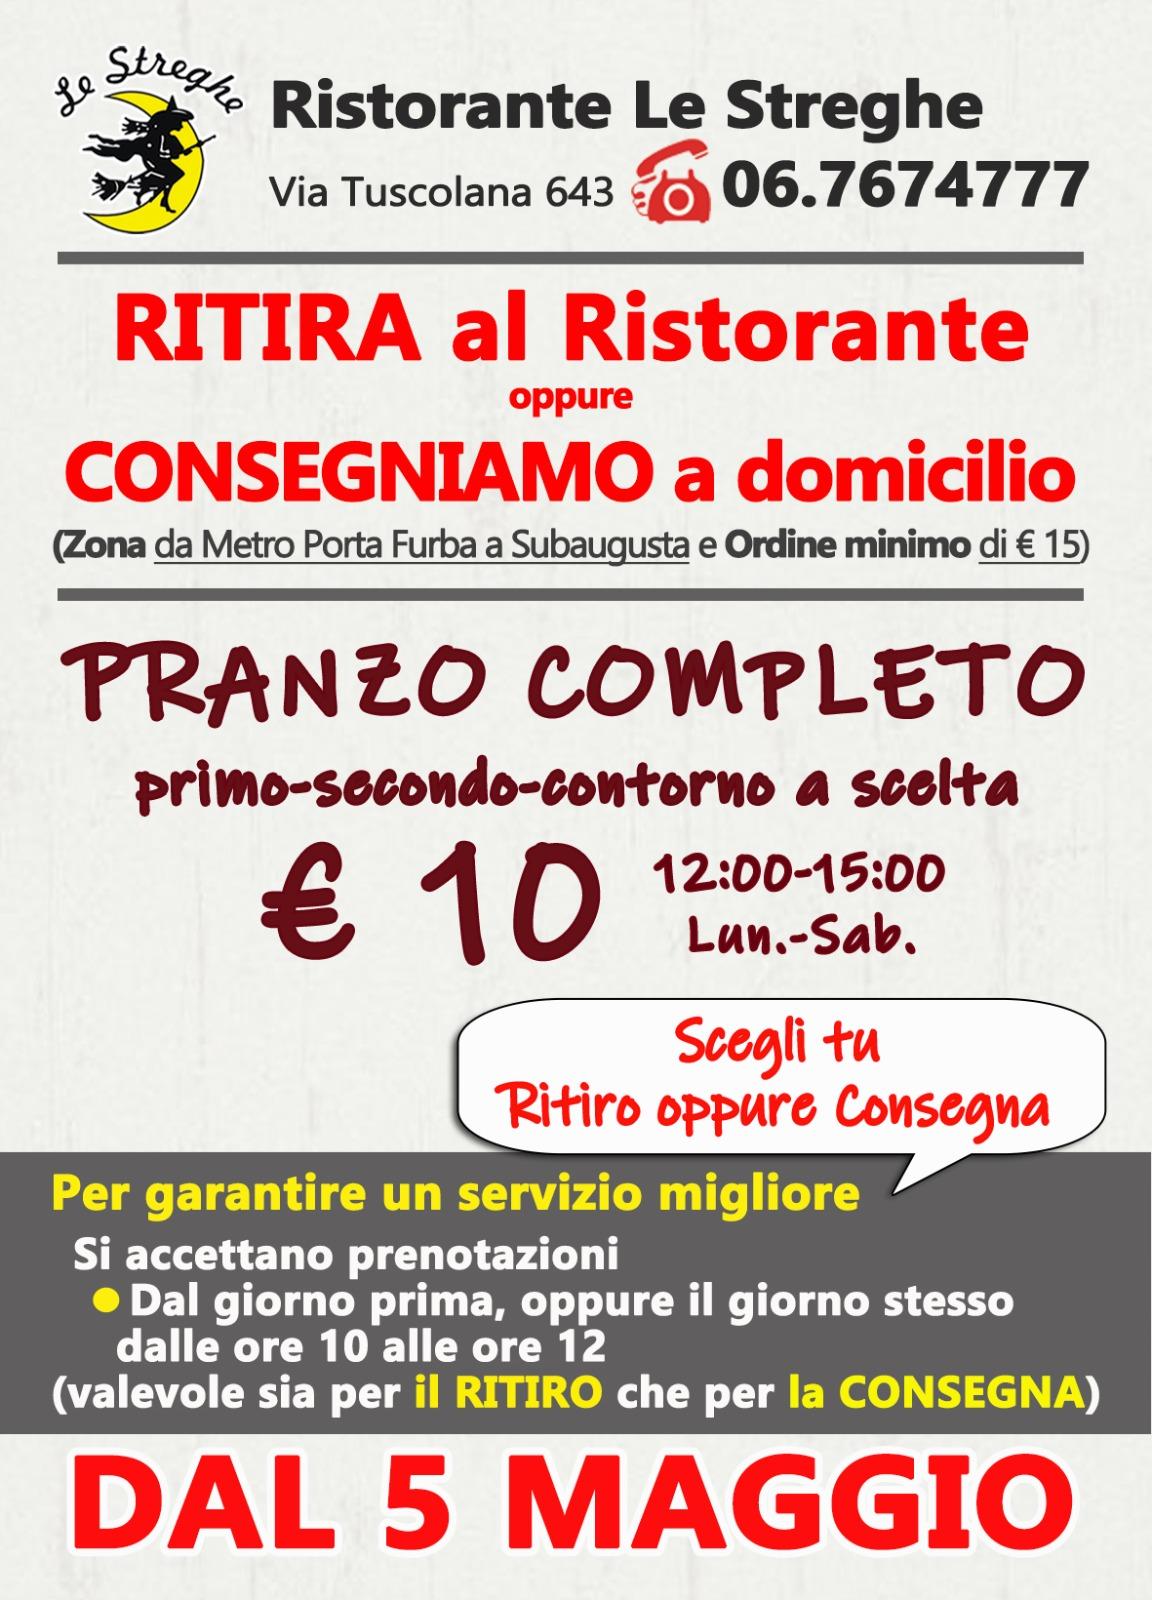 Ristorante Le Streghe, Speciale Covid: Ritiro/Consegna Pranzo a 10 Euro